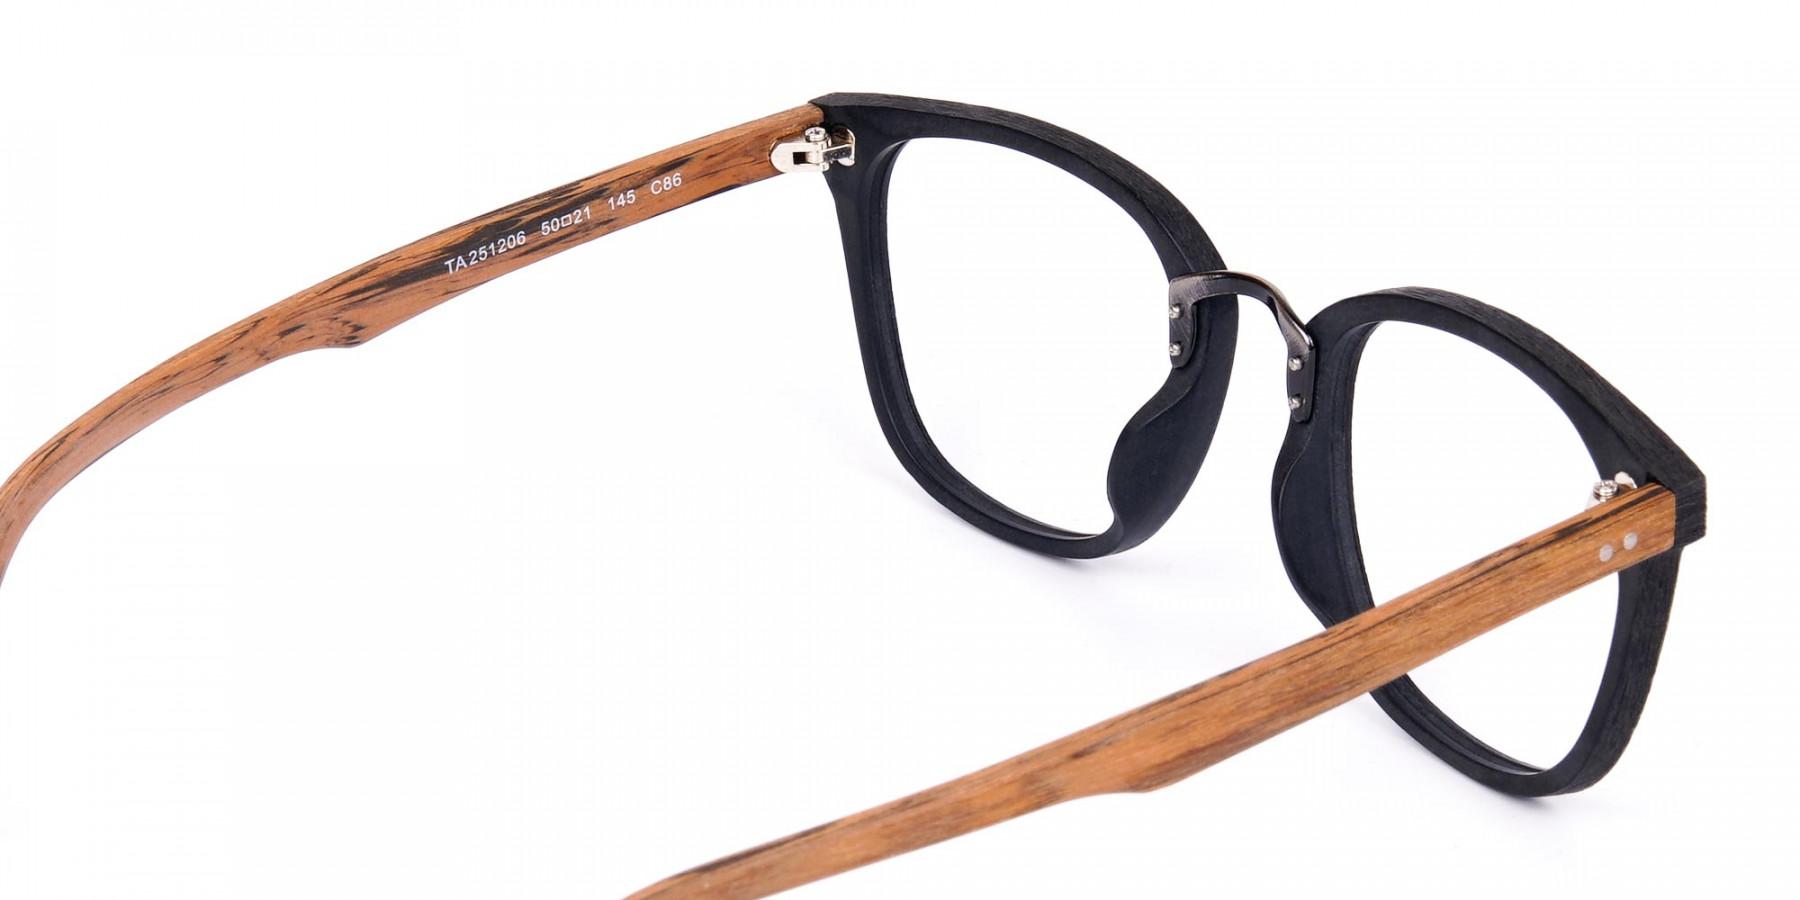 Wooden-Texture-Black-Full-Rim-Glasses-1